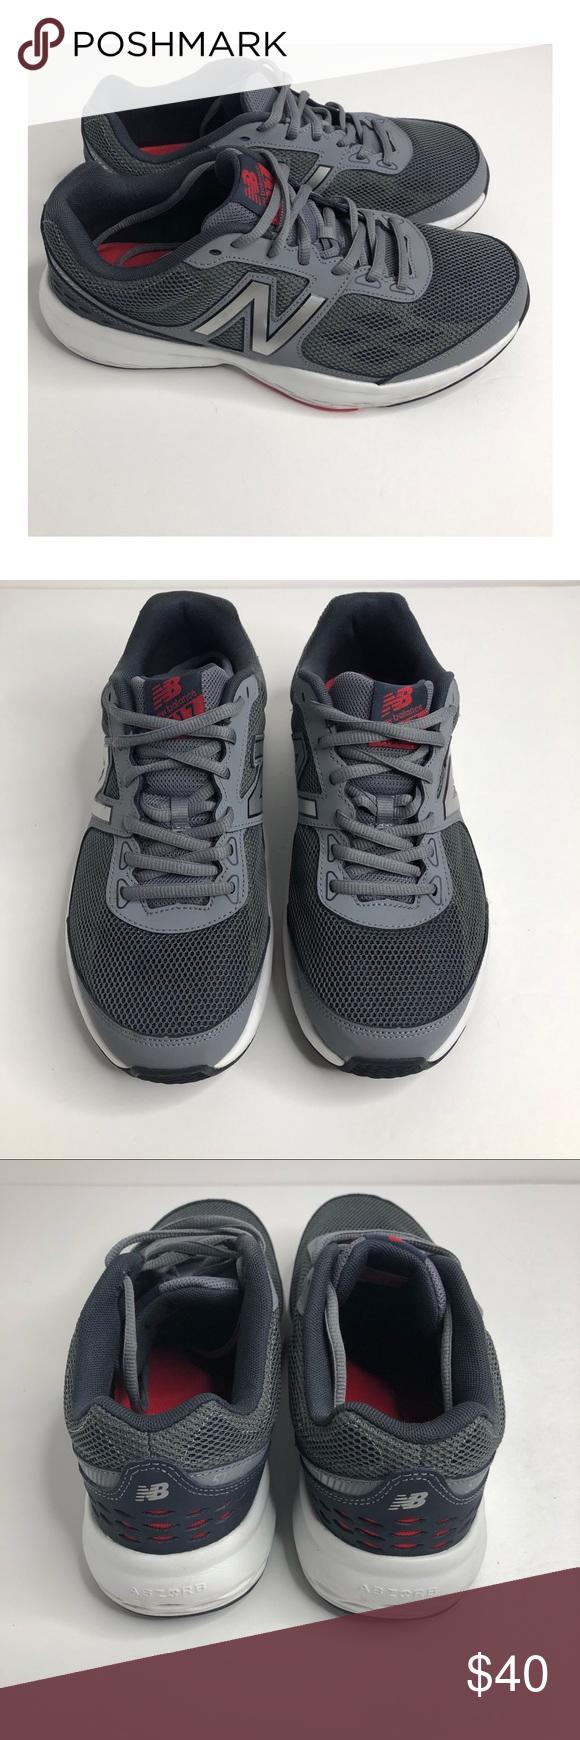 8.5 4E Training sneaker